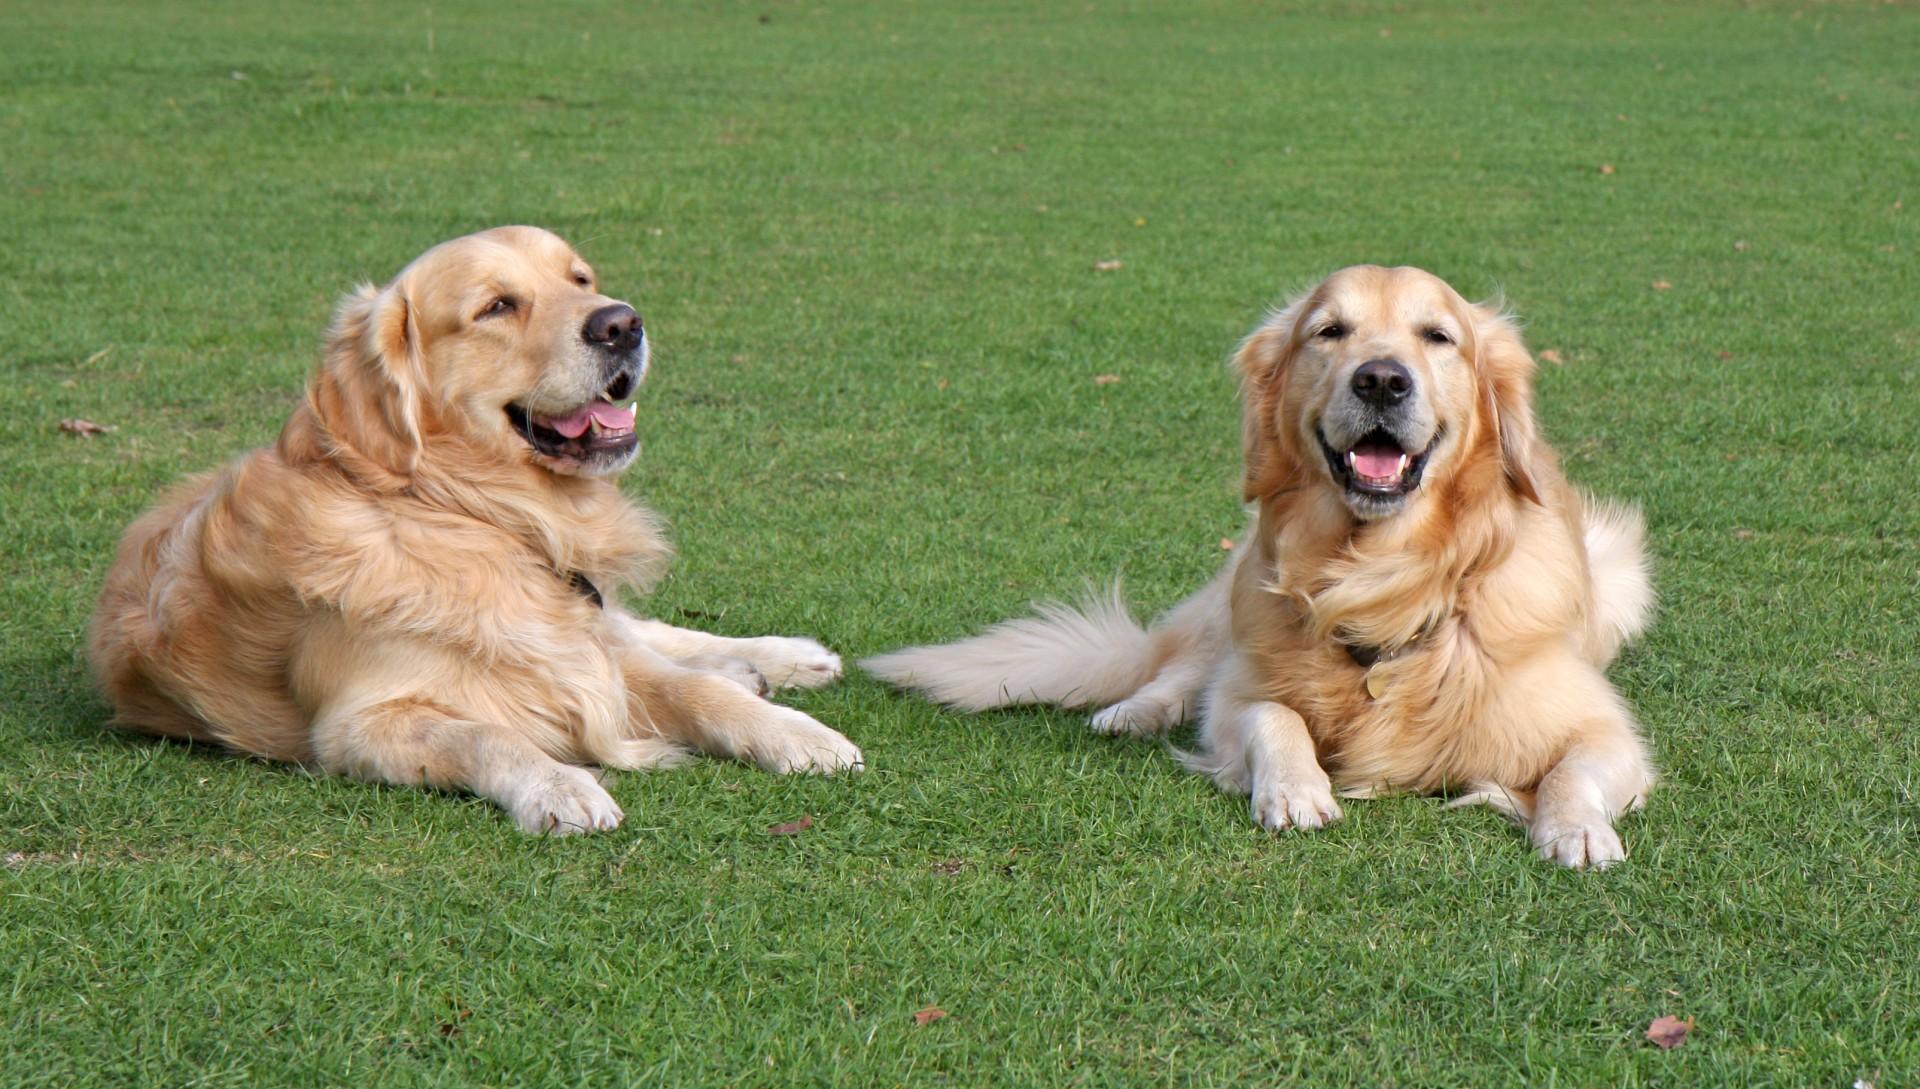 Best Dog Leash For Golden Retriever